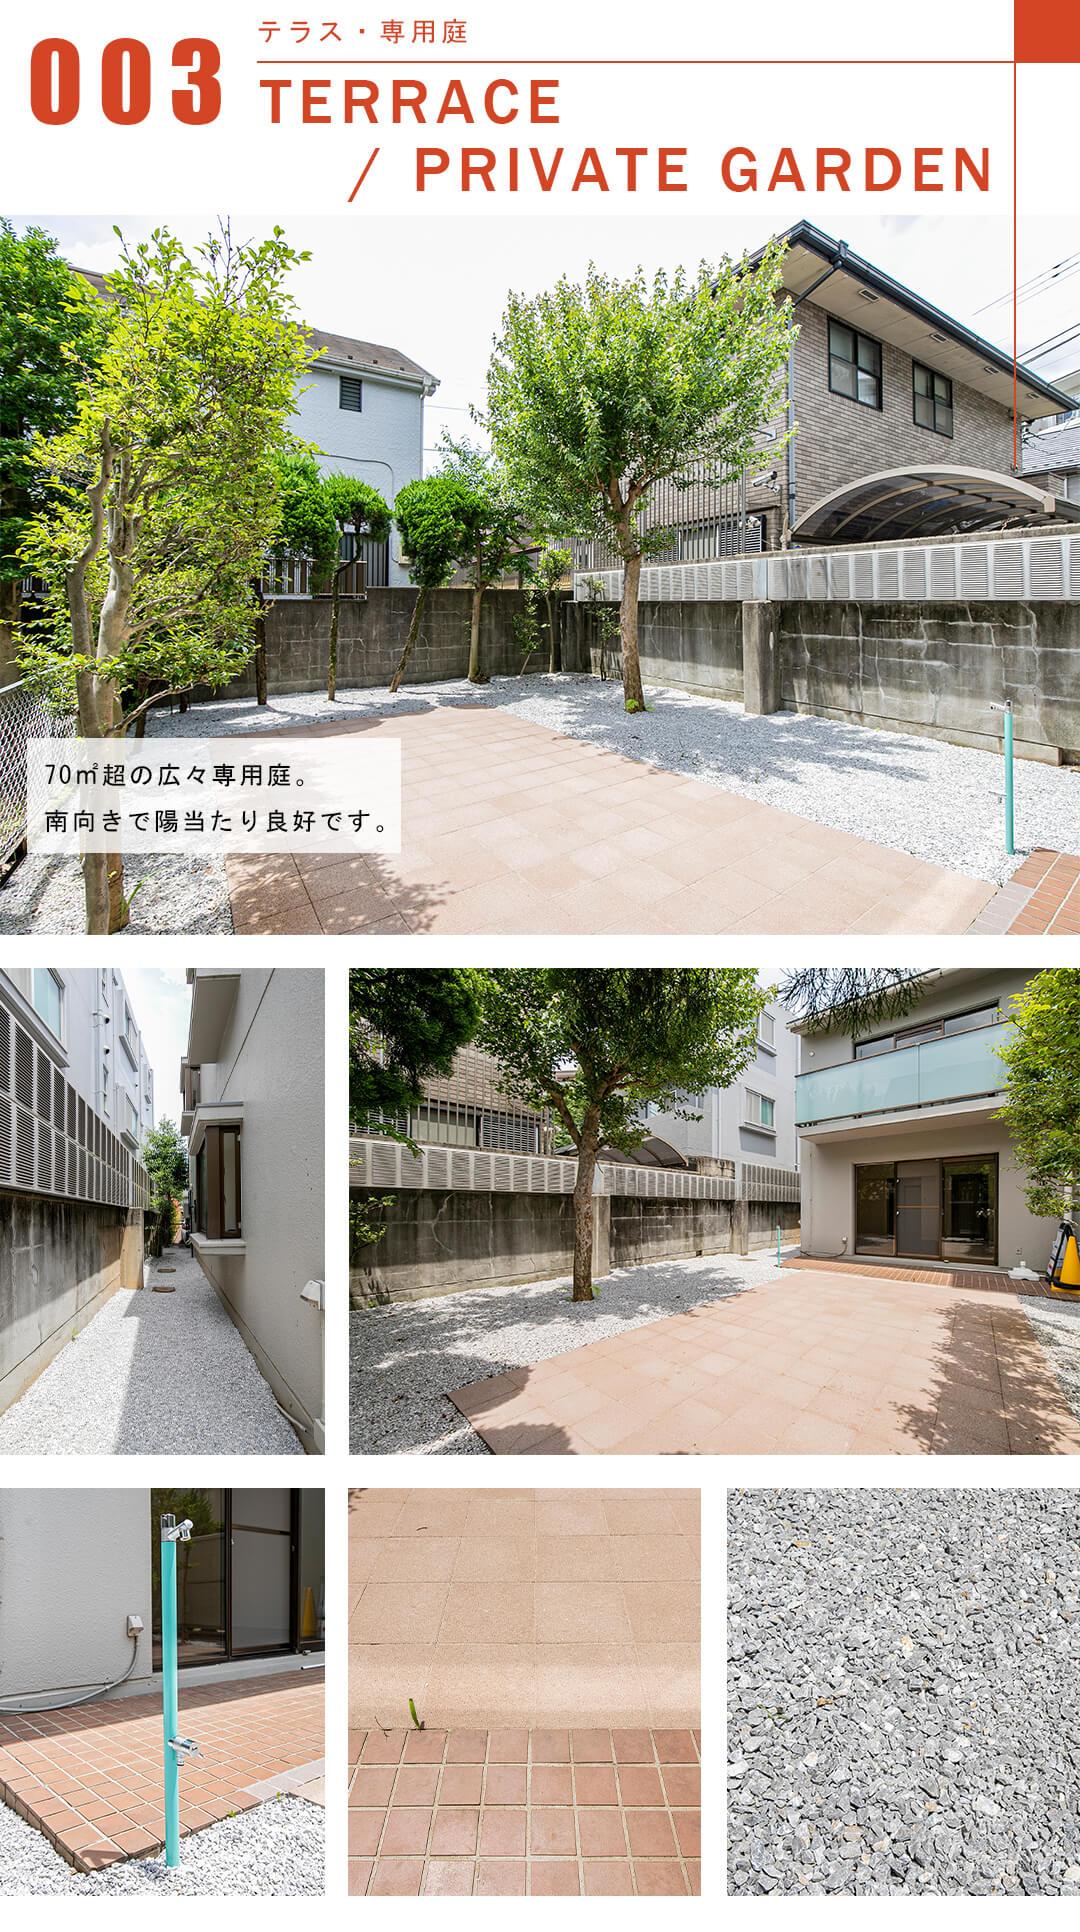 浜田山タウンホームのテラスと専用庭